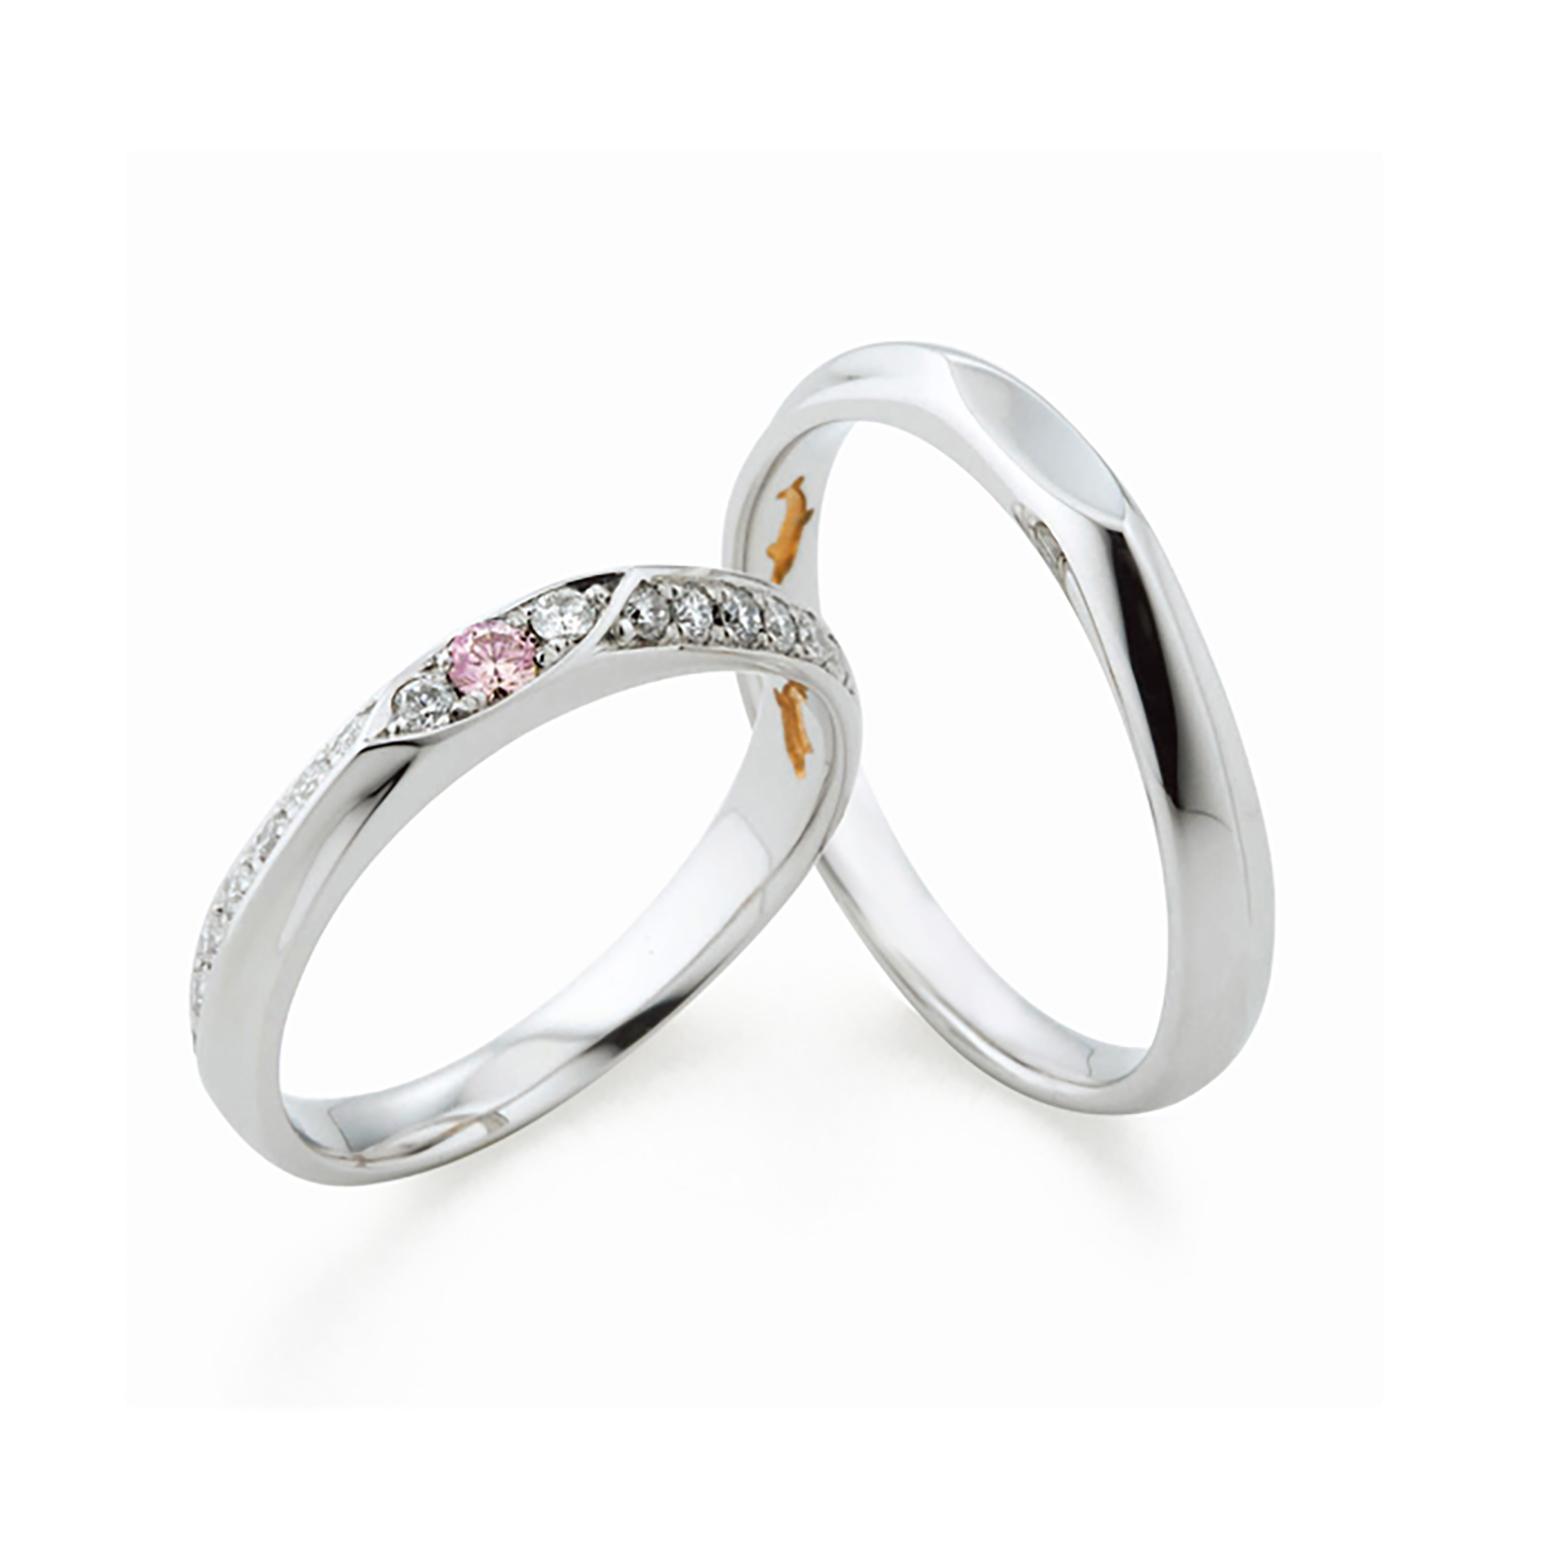 レディースには天然ピンクダイヤモンドとホワイトダイヤがハーフエタニティの様に入ったゴージャスな結婚指輪(マリッジリング)アームがナイフエッジ(山)になっていてスッキリとした印象